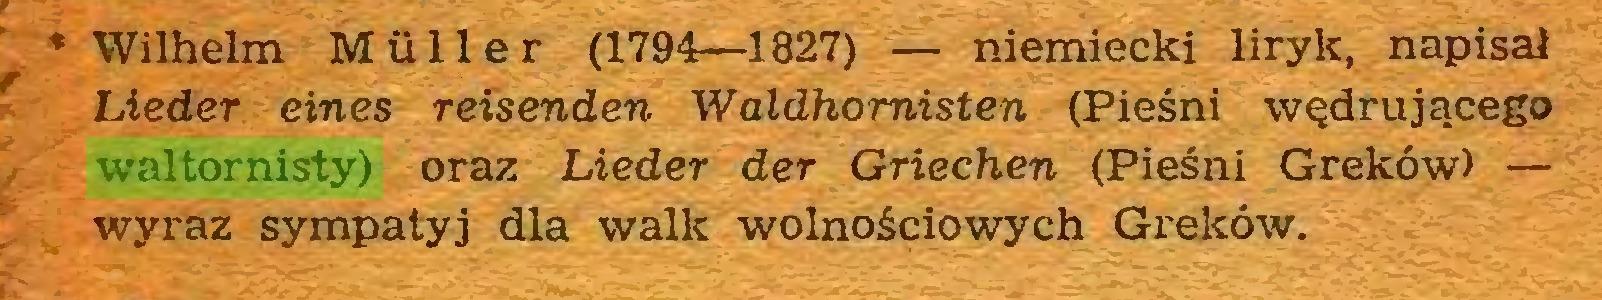 (...) * Wilhelm Müller (1794—1827) — niemiecki liryk, napisał Lieder eines reisenden Waldhomisten (Pieśni wędrującego waltornisty) oraz Lieder der Griechen (Pieśni Greków) — wyraz sympalyj dla walk wolnościowych Greków...